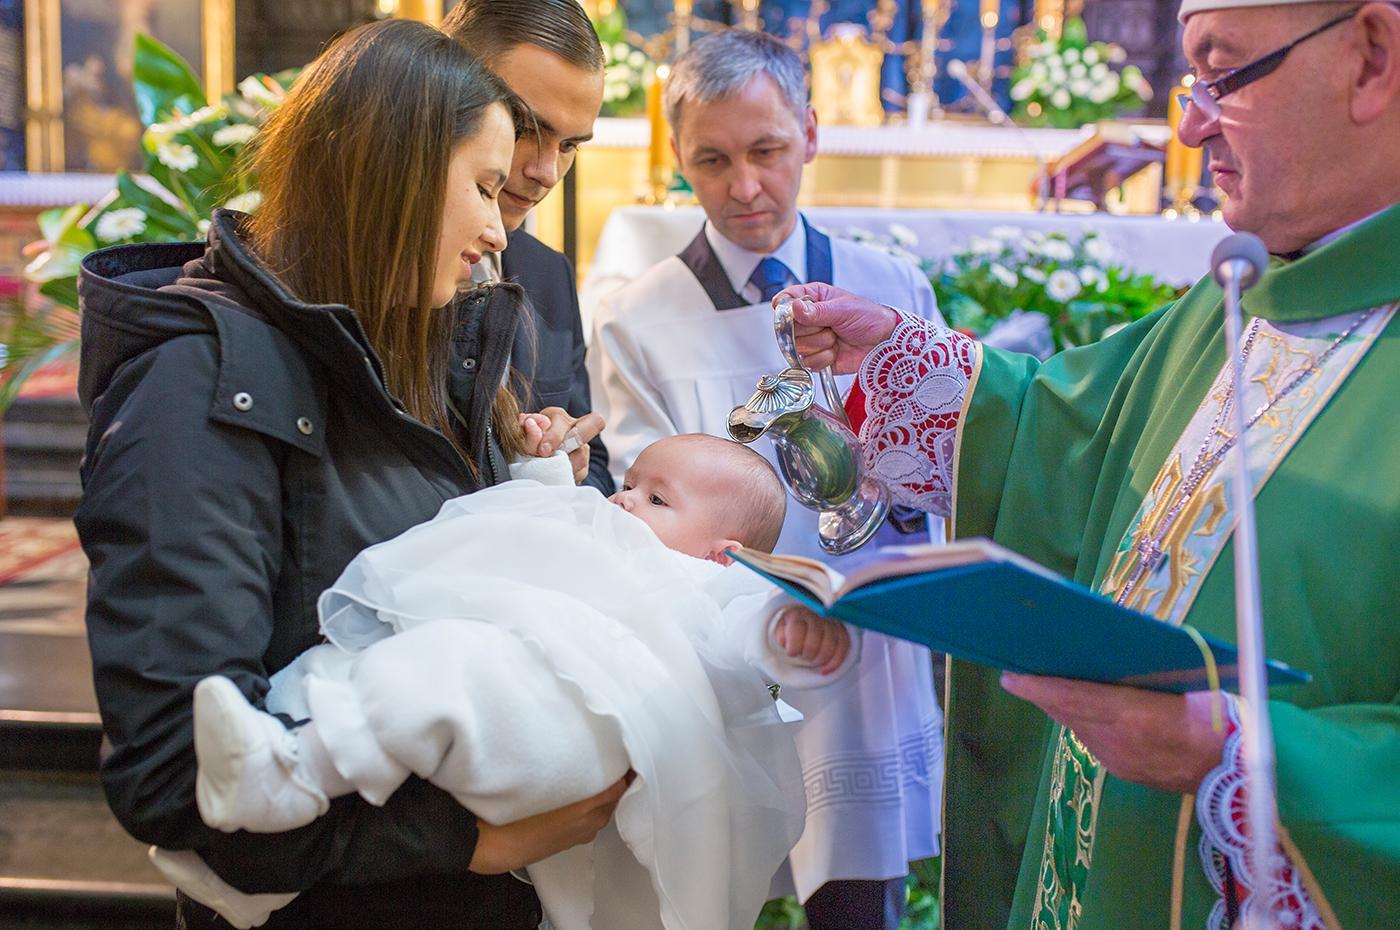 Chrzest odbył się w Kościele Mariackim w Krakowie. Był to magiczny fotoreportaż: dużo dzieci, piękny kościół w barwach złota.